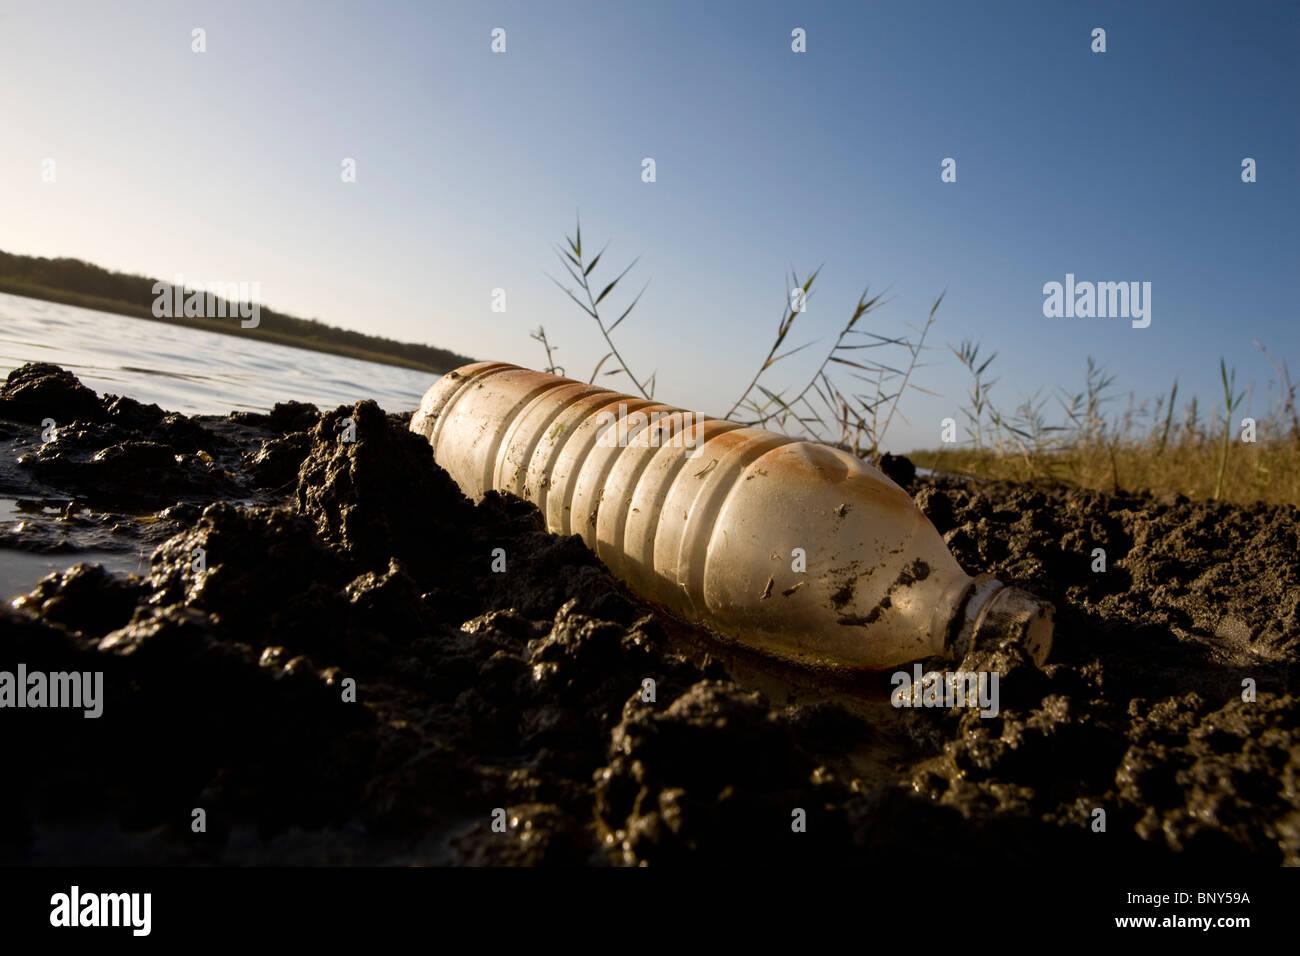 Plastic water bottle littering water's edge, Souss-Massa National Park, Morocco - Stock Image